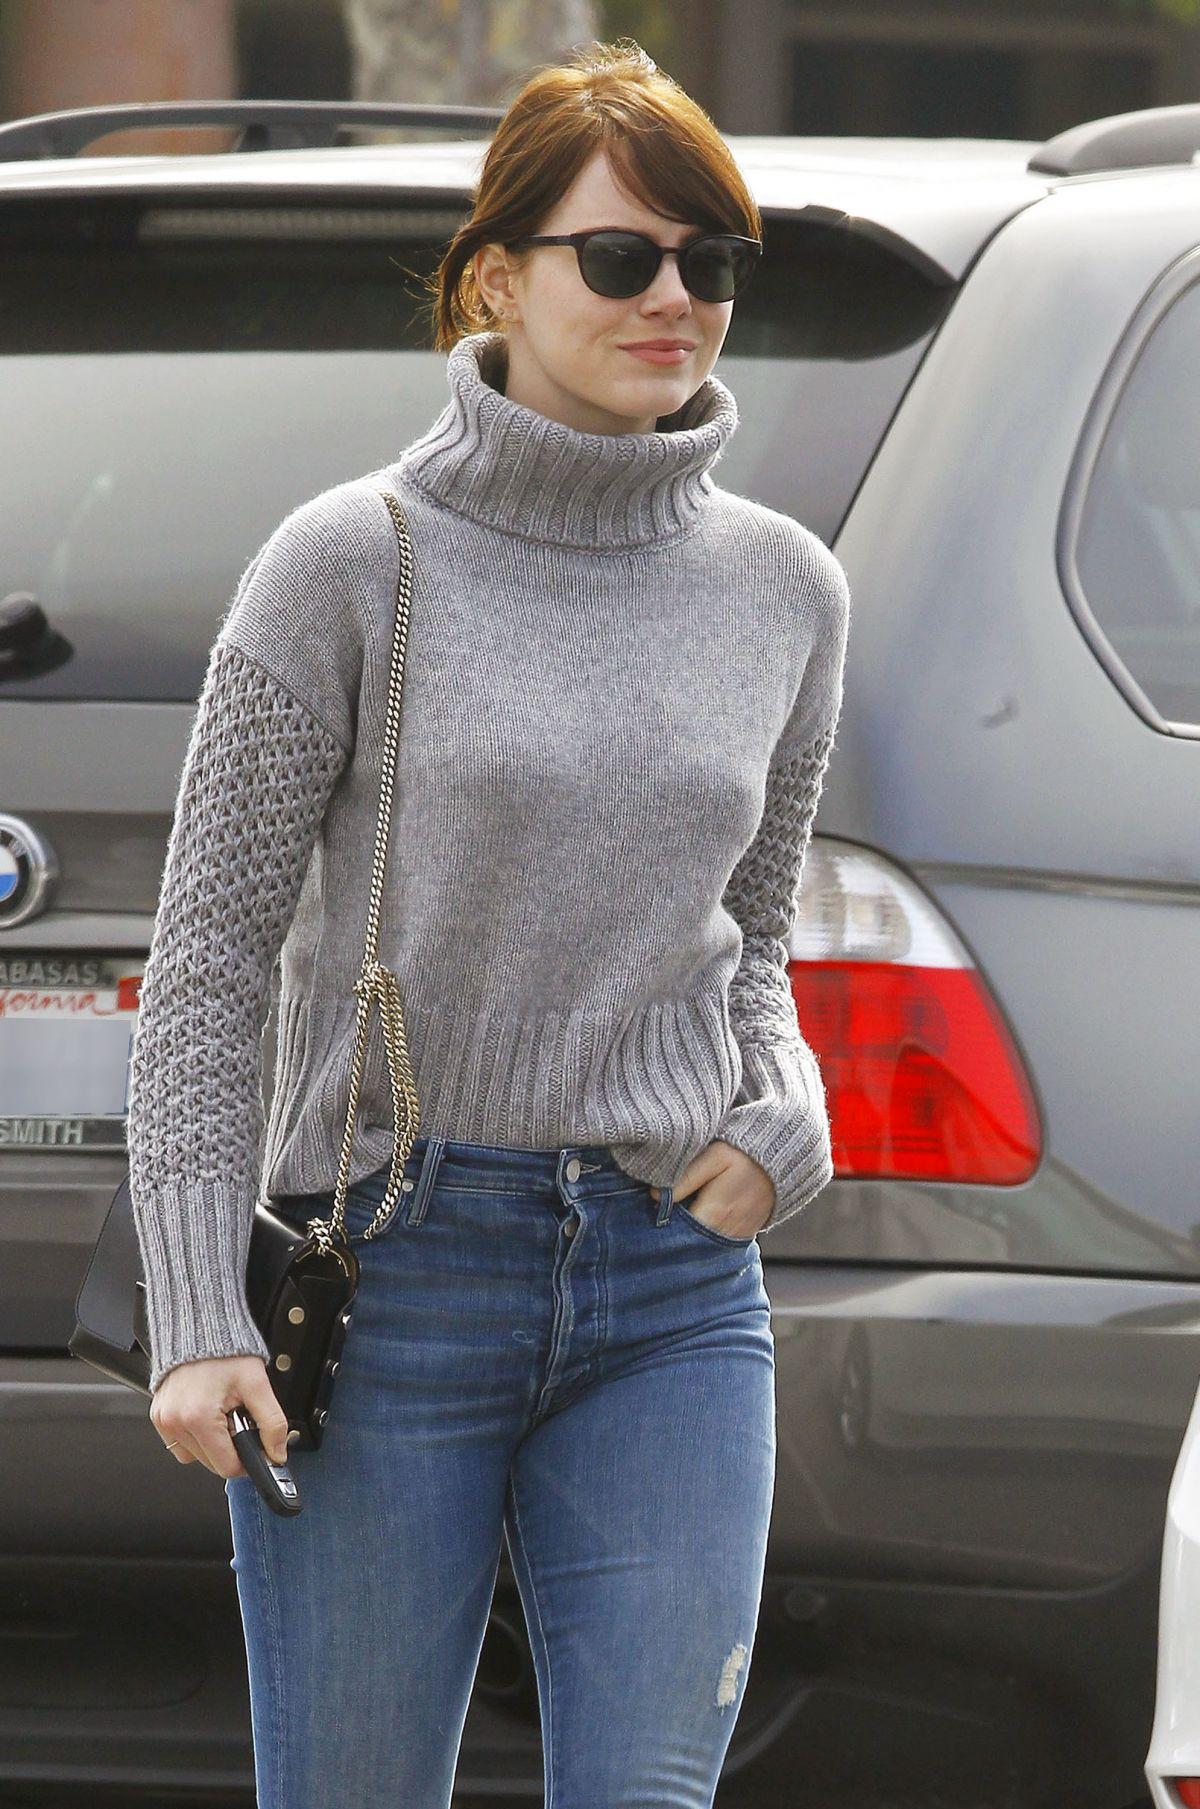 Emma Stone In Jeans Out In Malibu 02 14 2016 Hawtcelebs